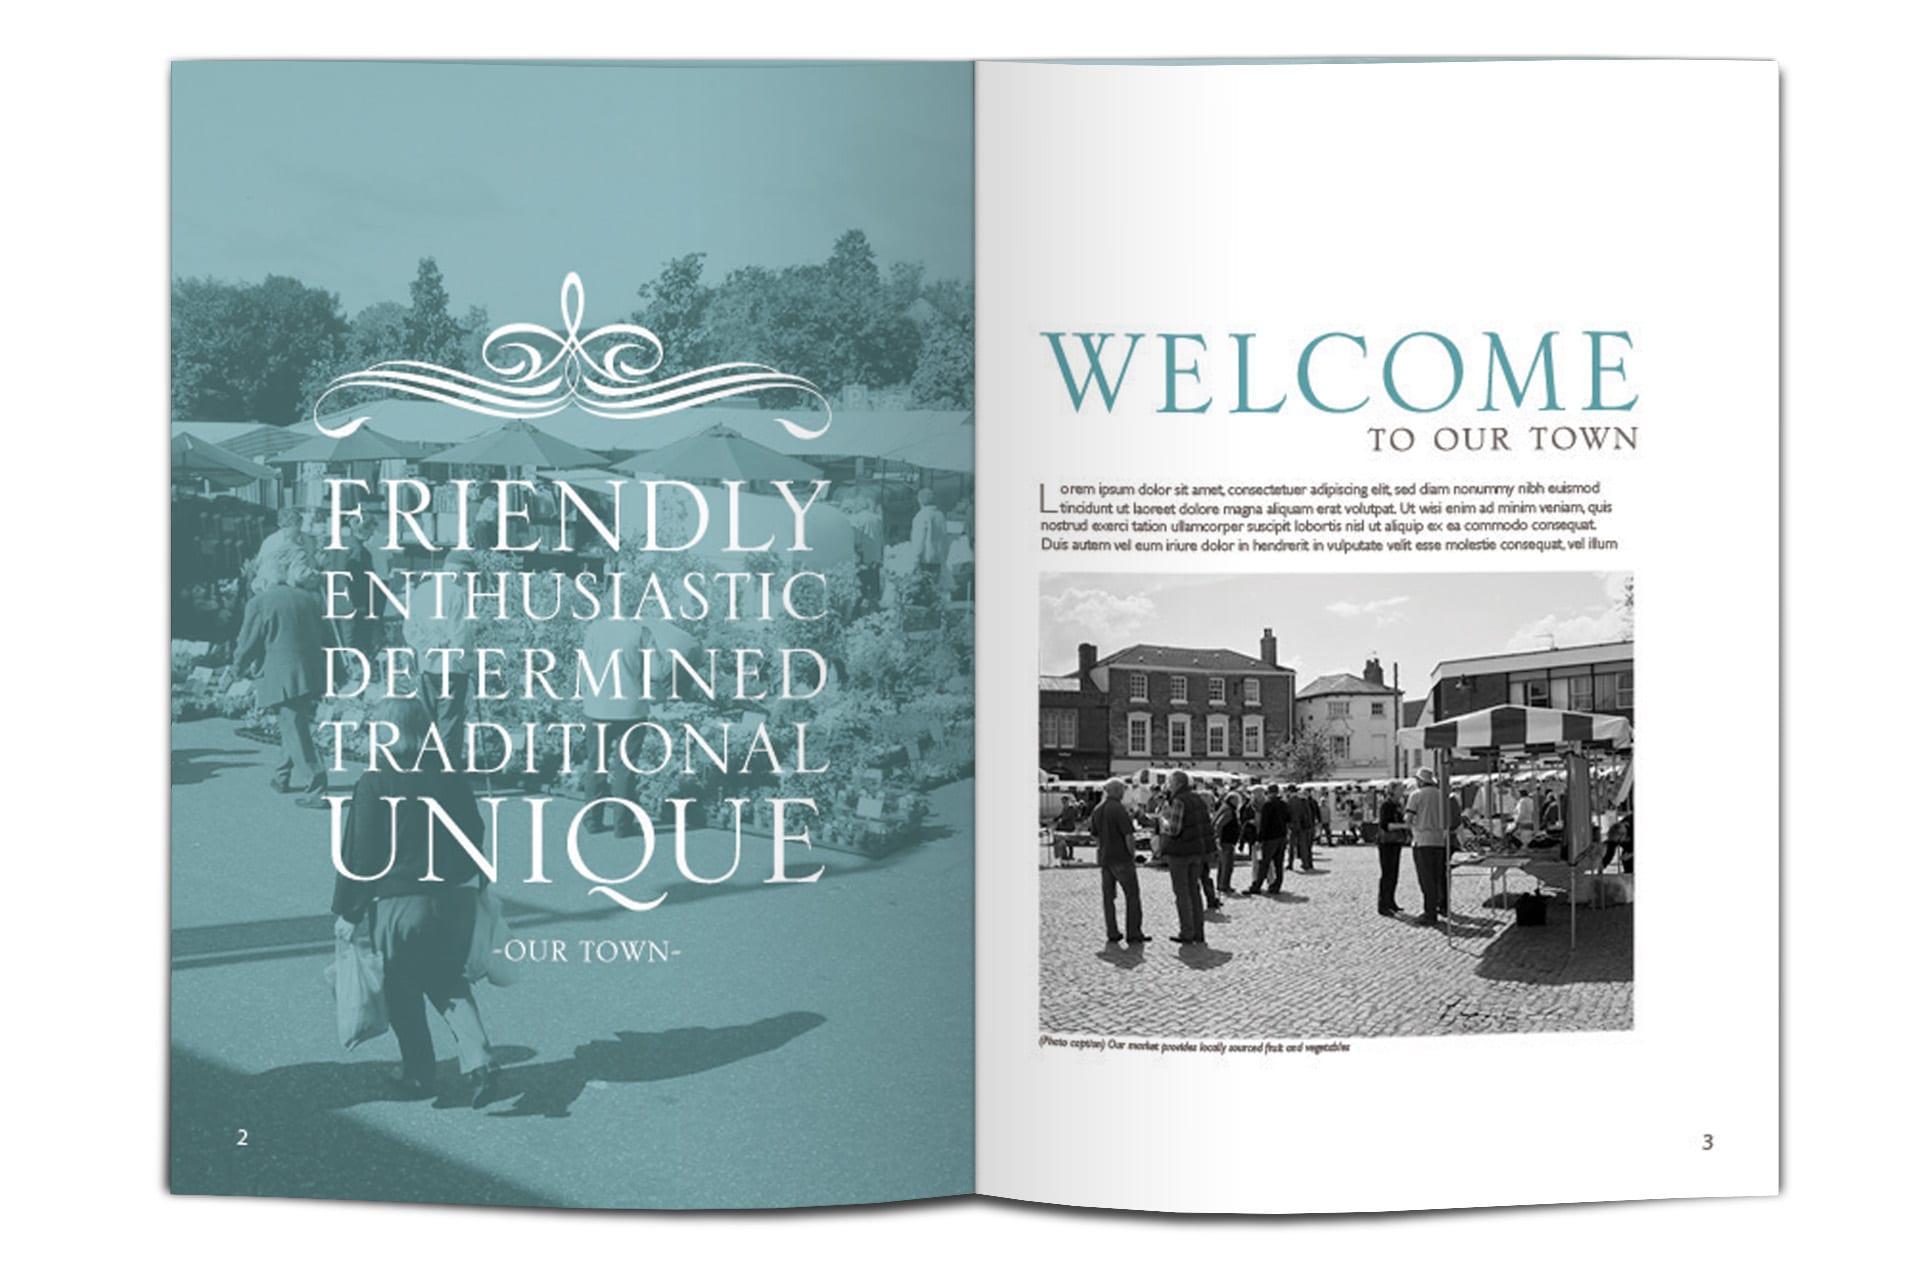 Brochure spread 1